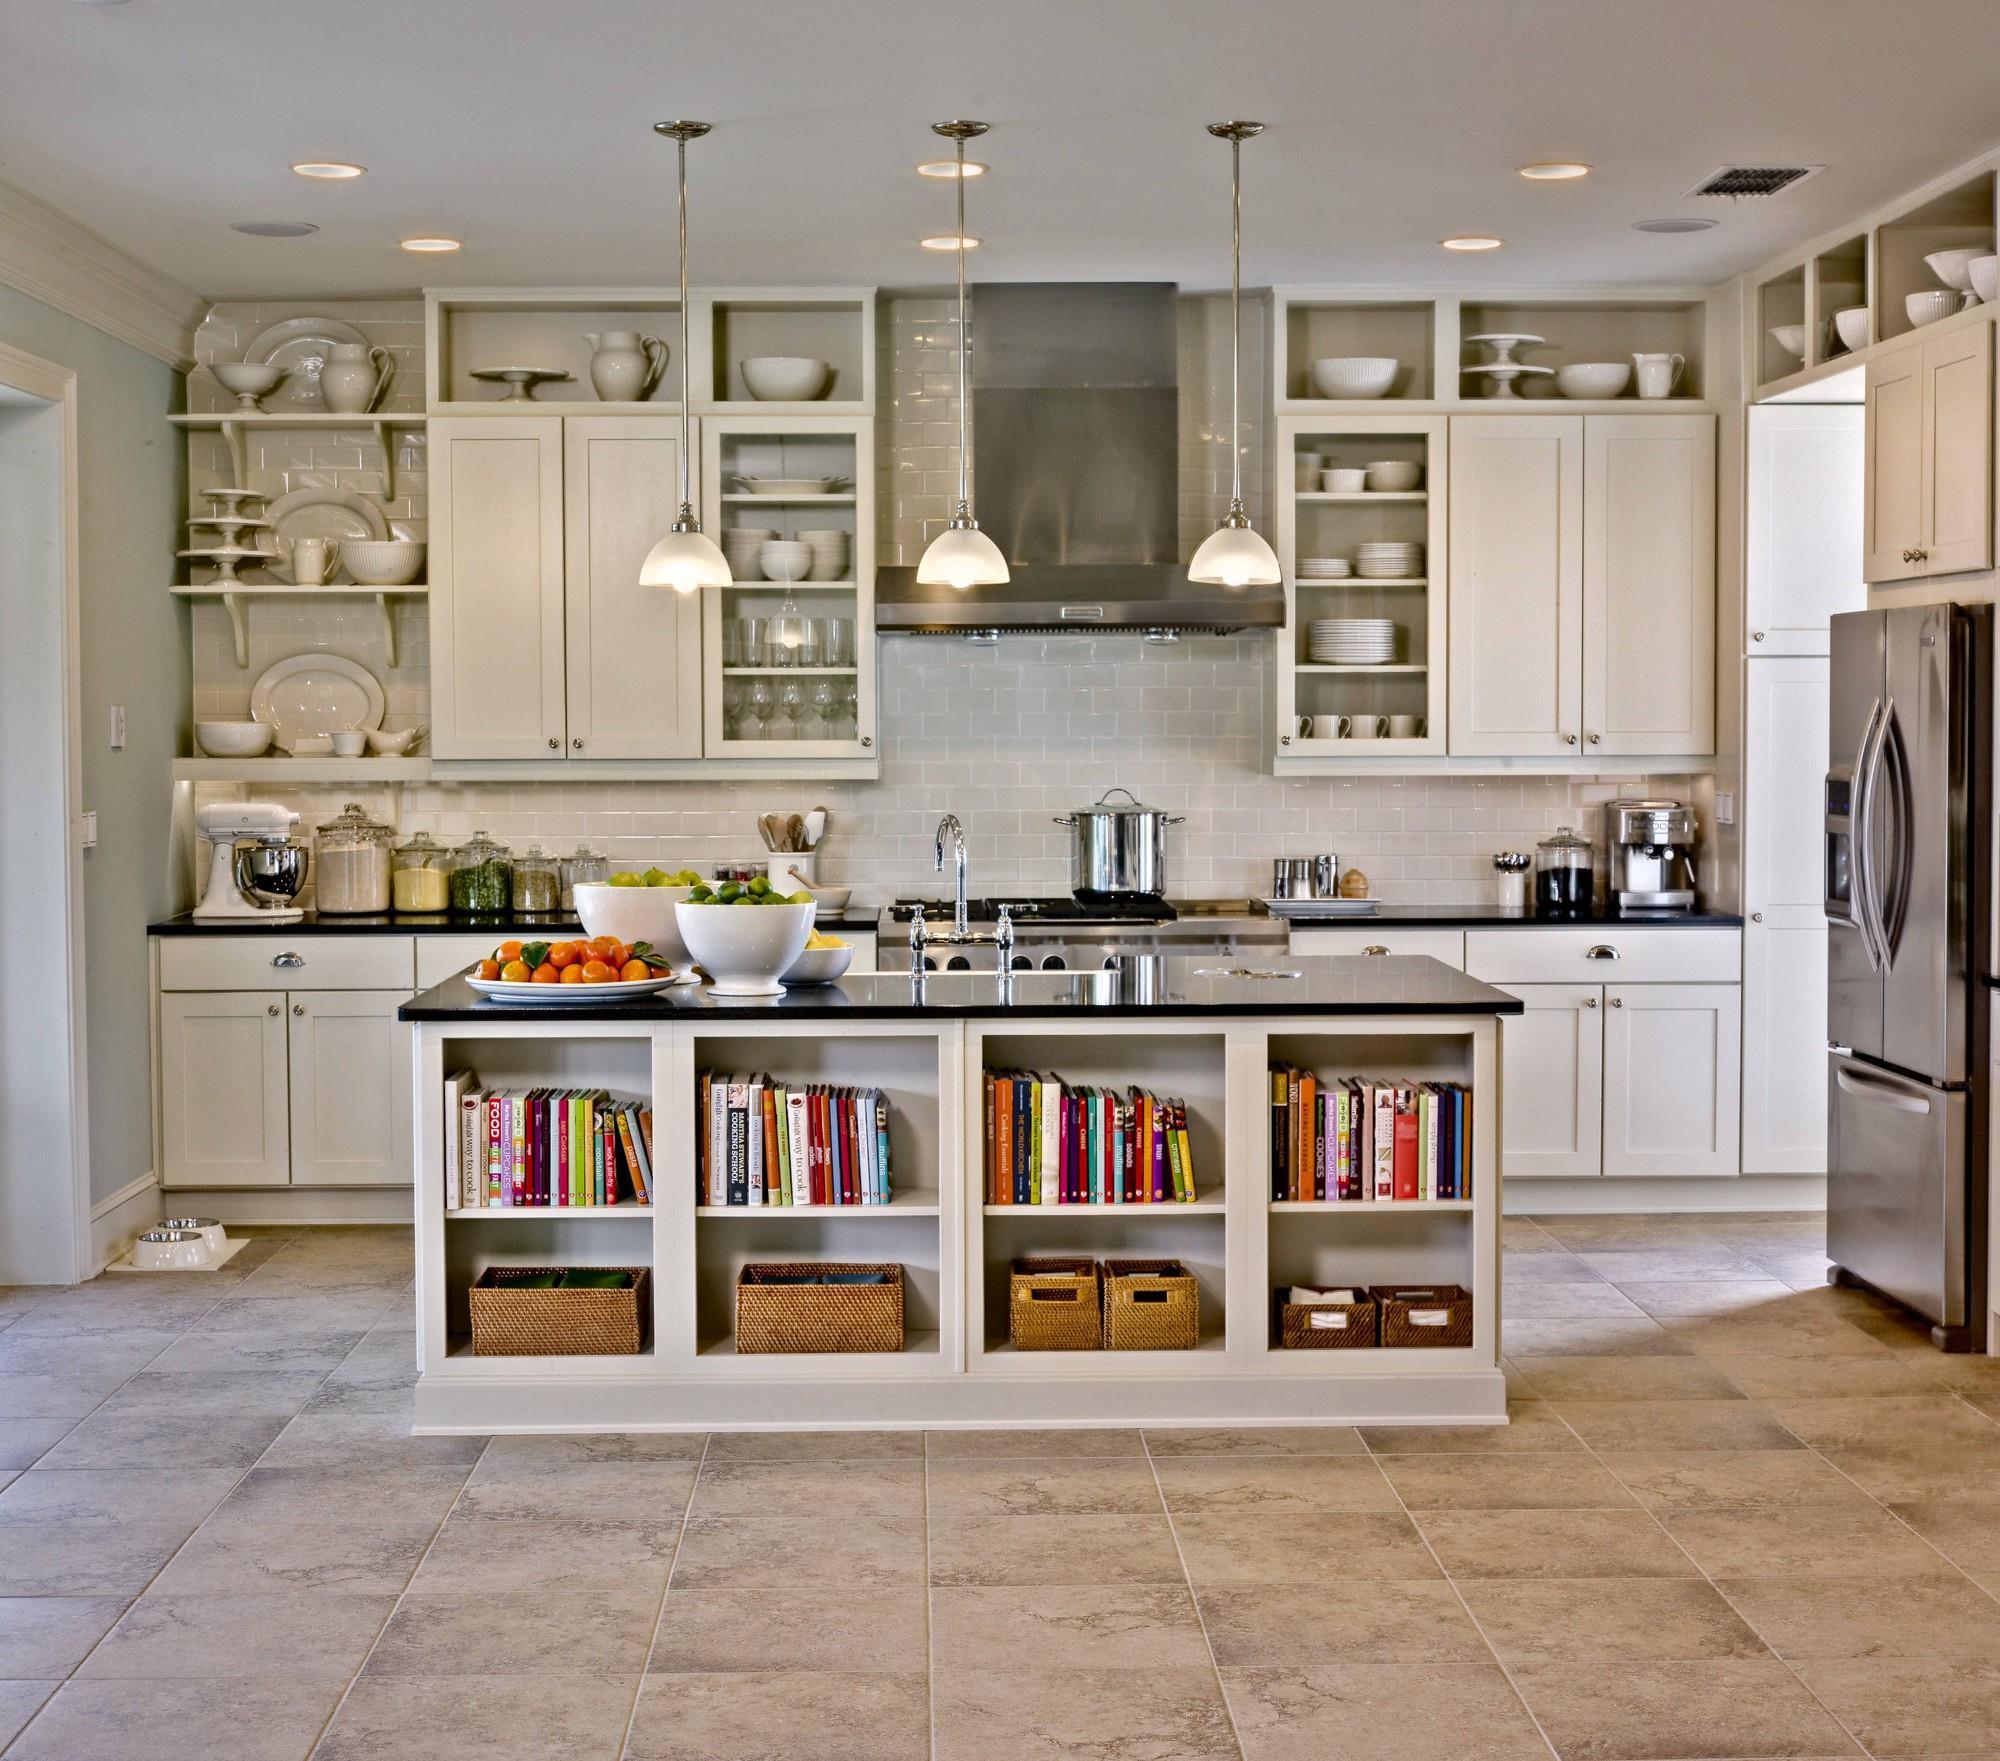 Thiết kế nhà bếp nay khác xưa thế nào  - Ảnh 7.